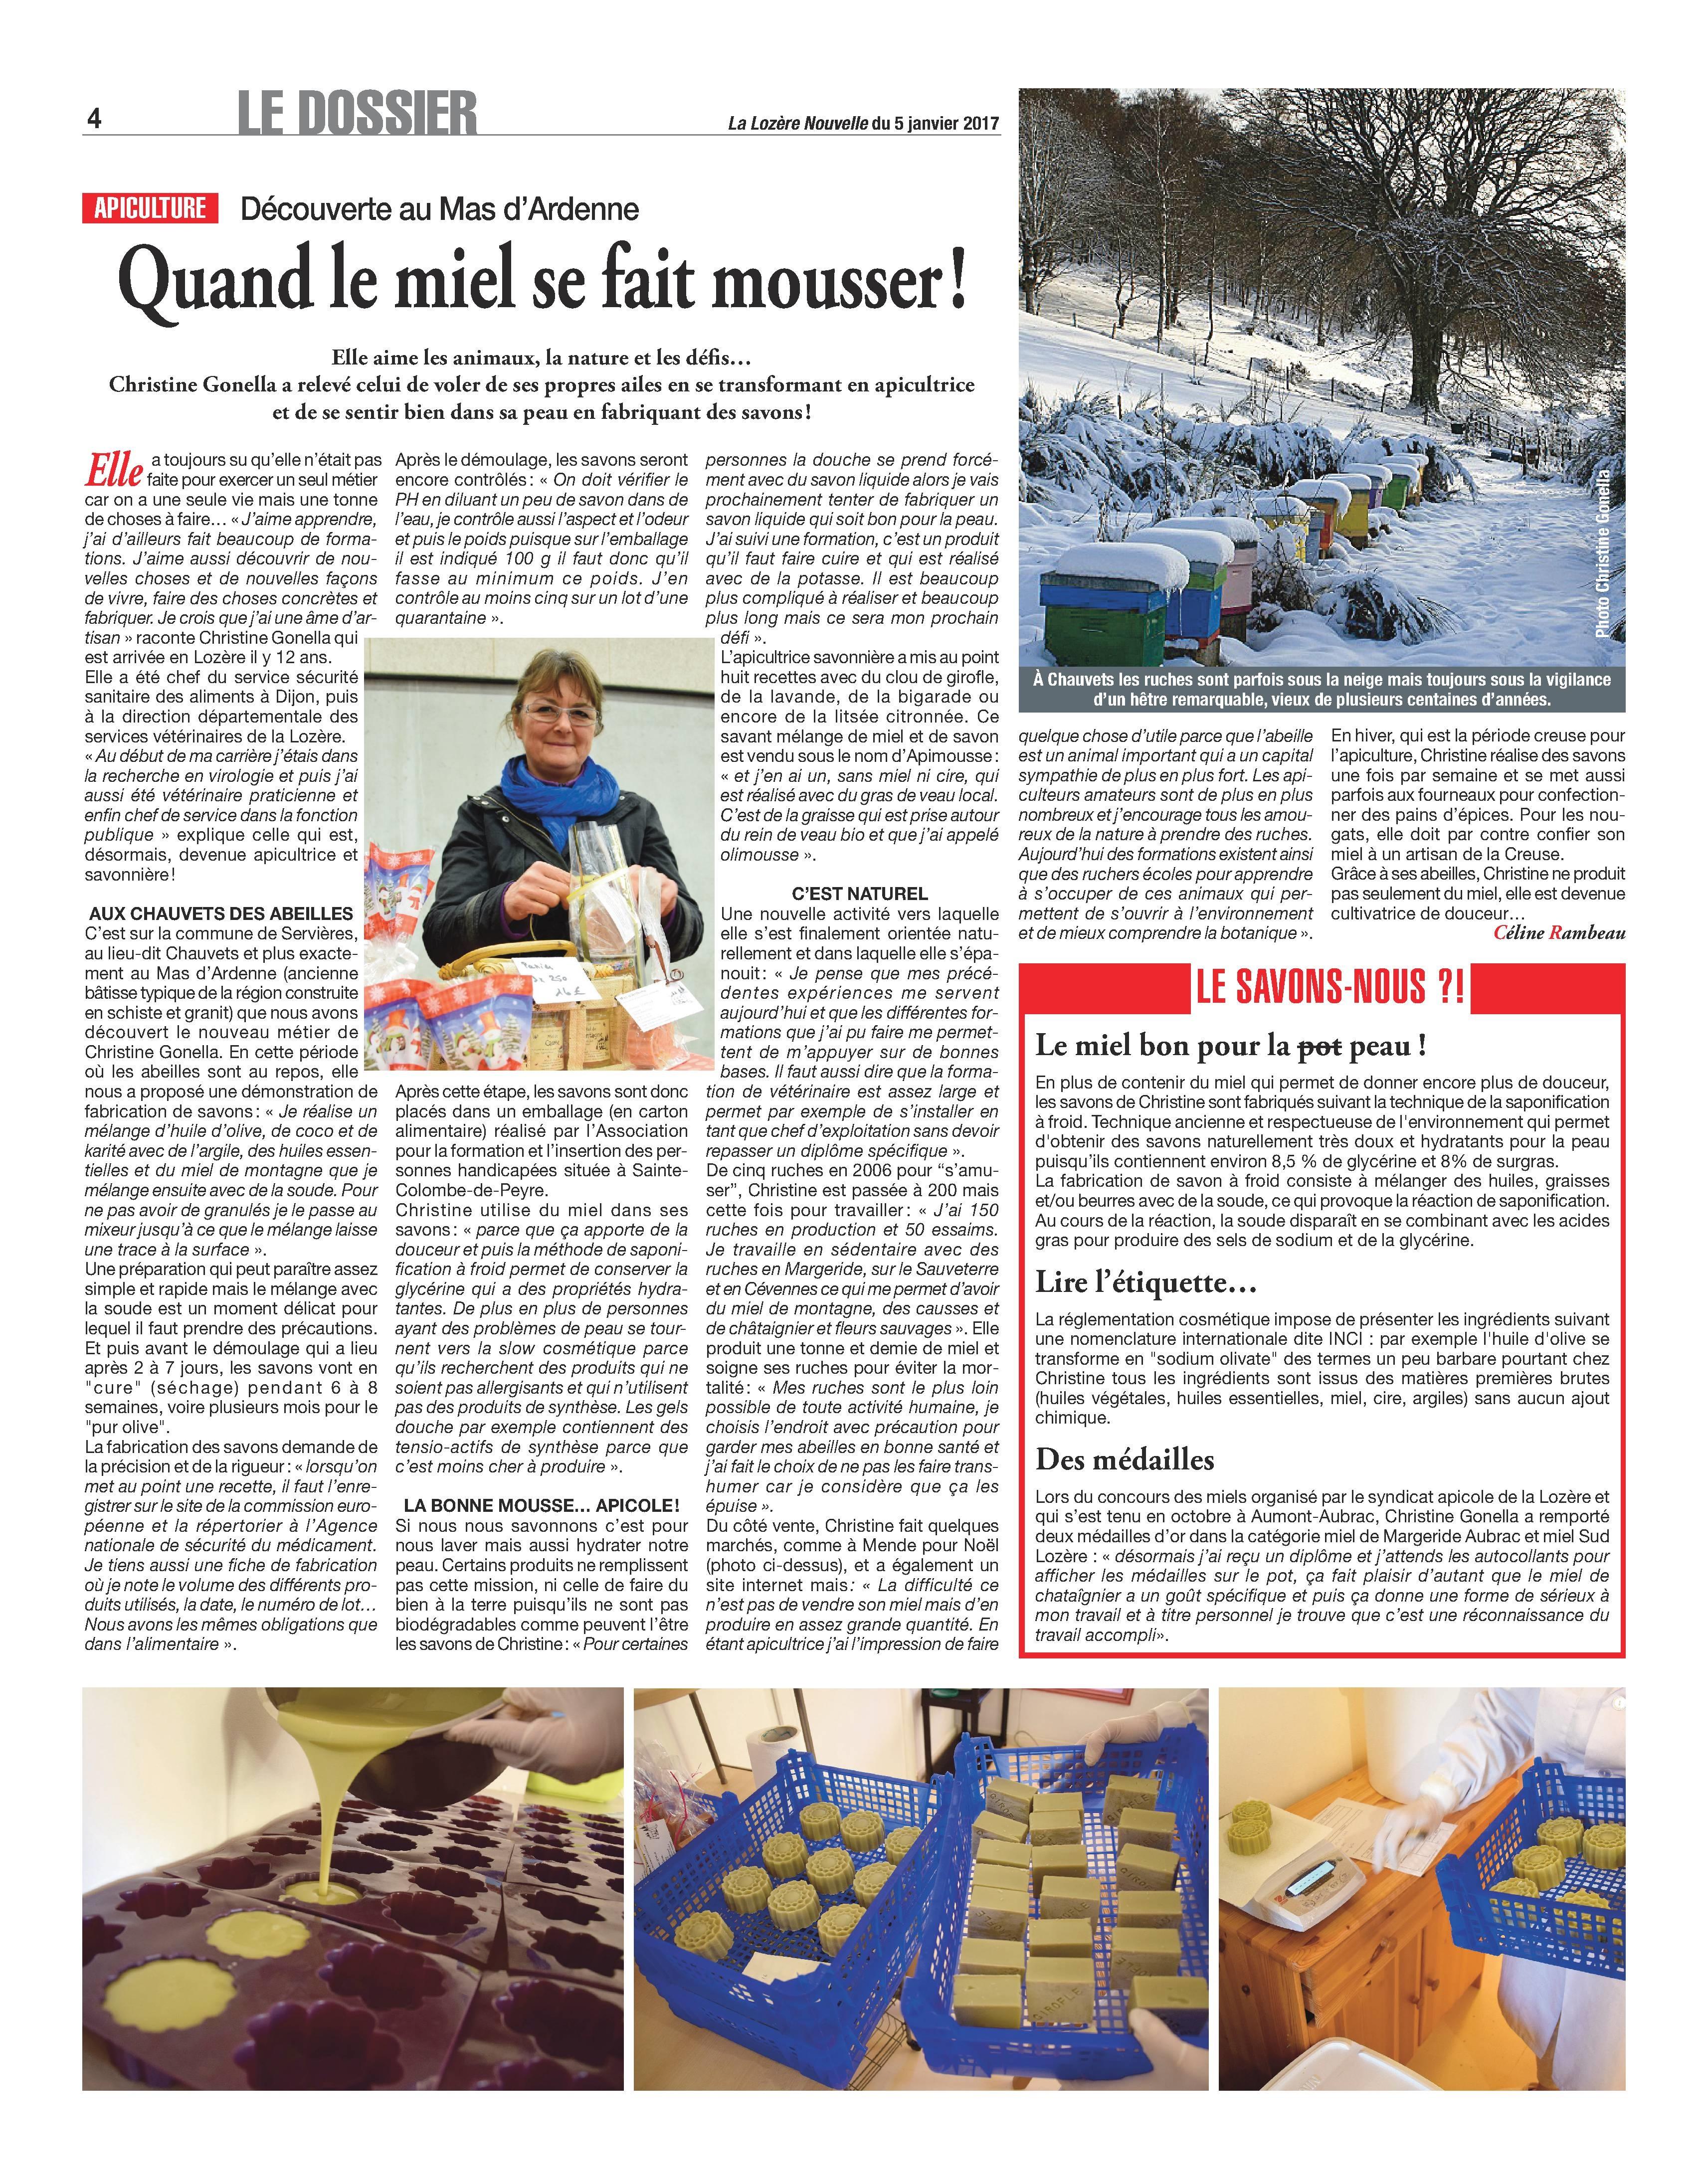 article du 13 janvier 2017